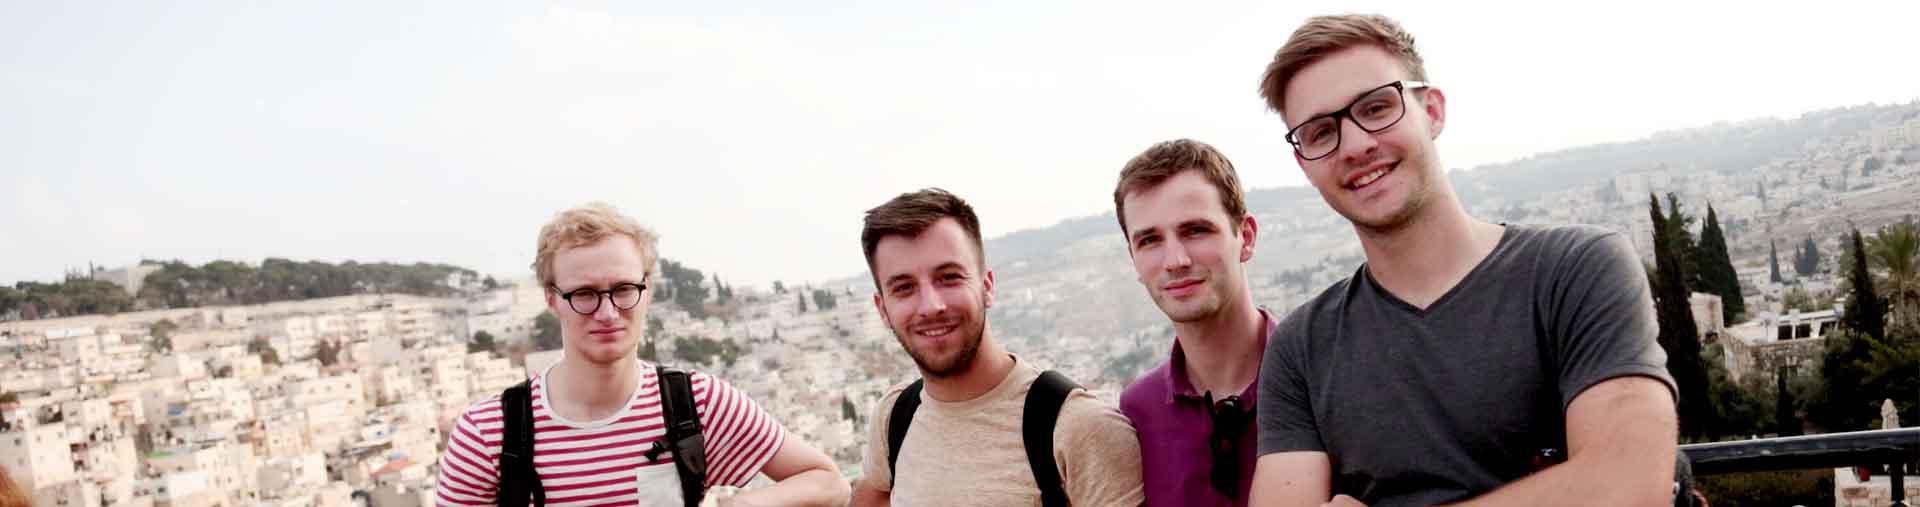 Experience Jerusalem